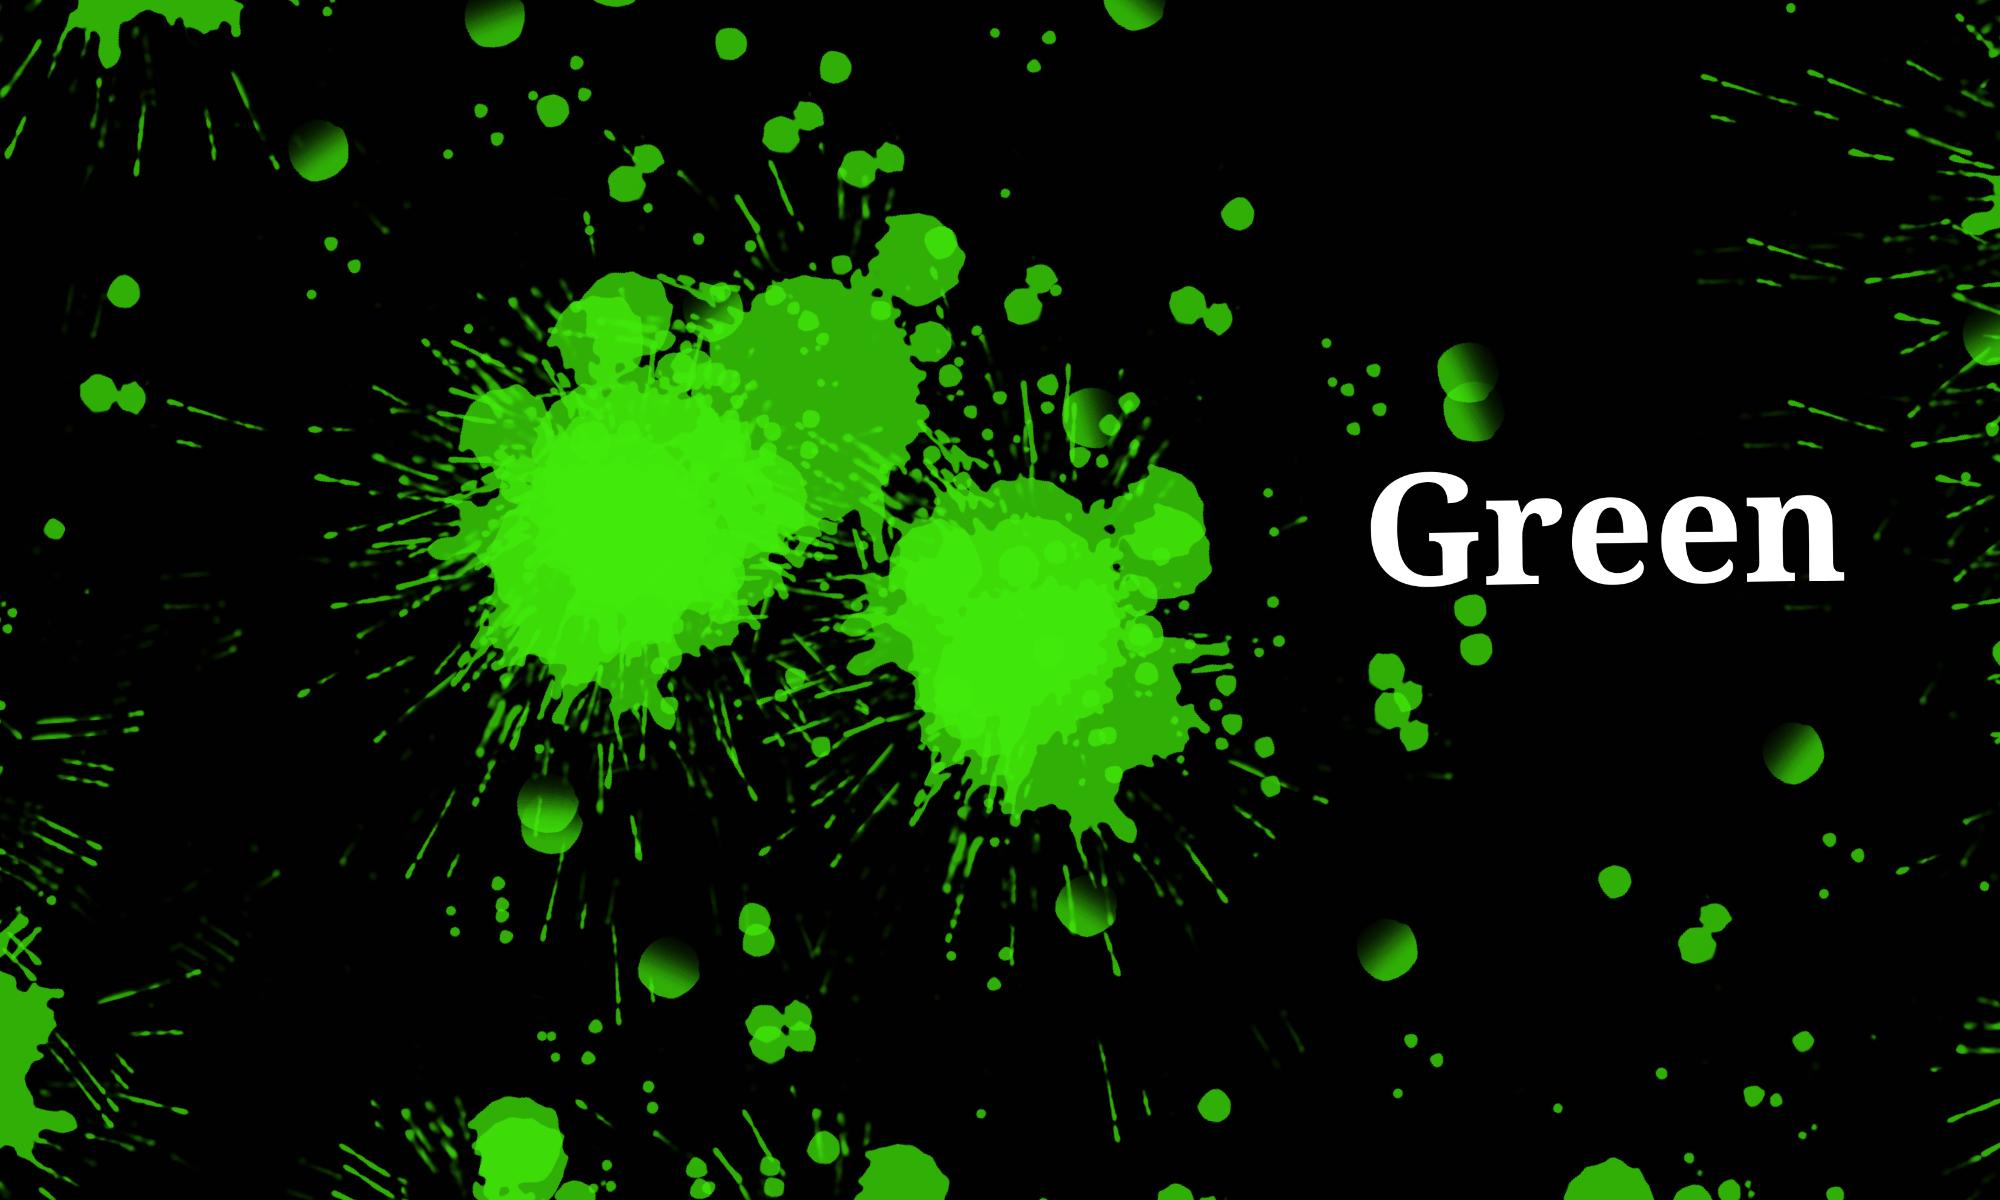 Green color spots